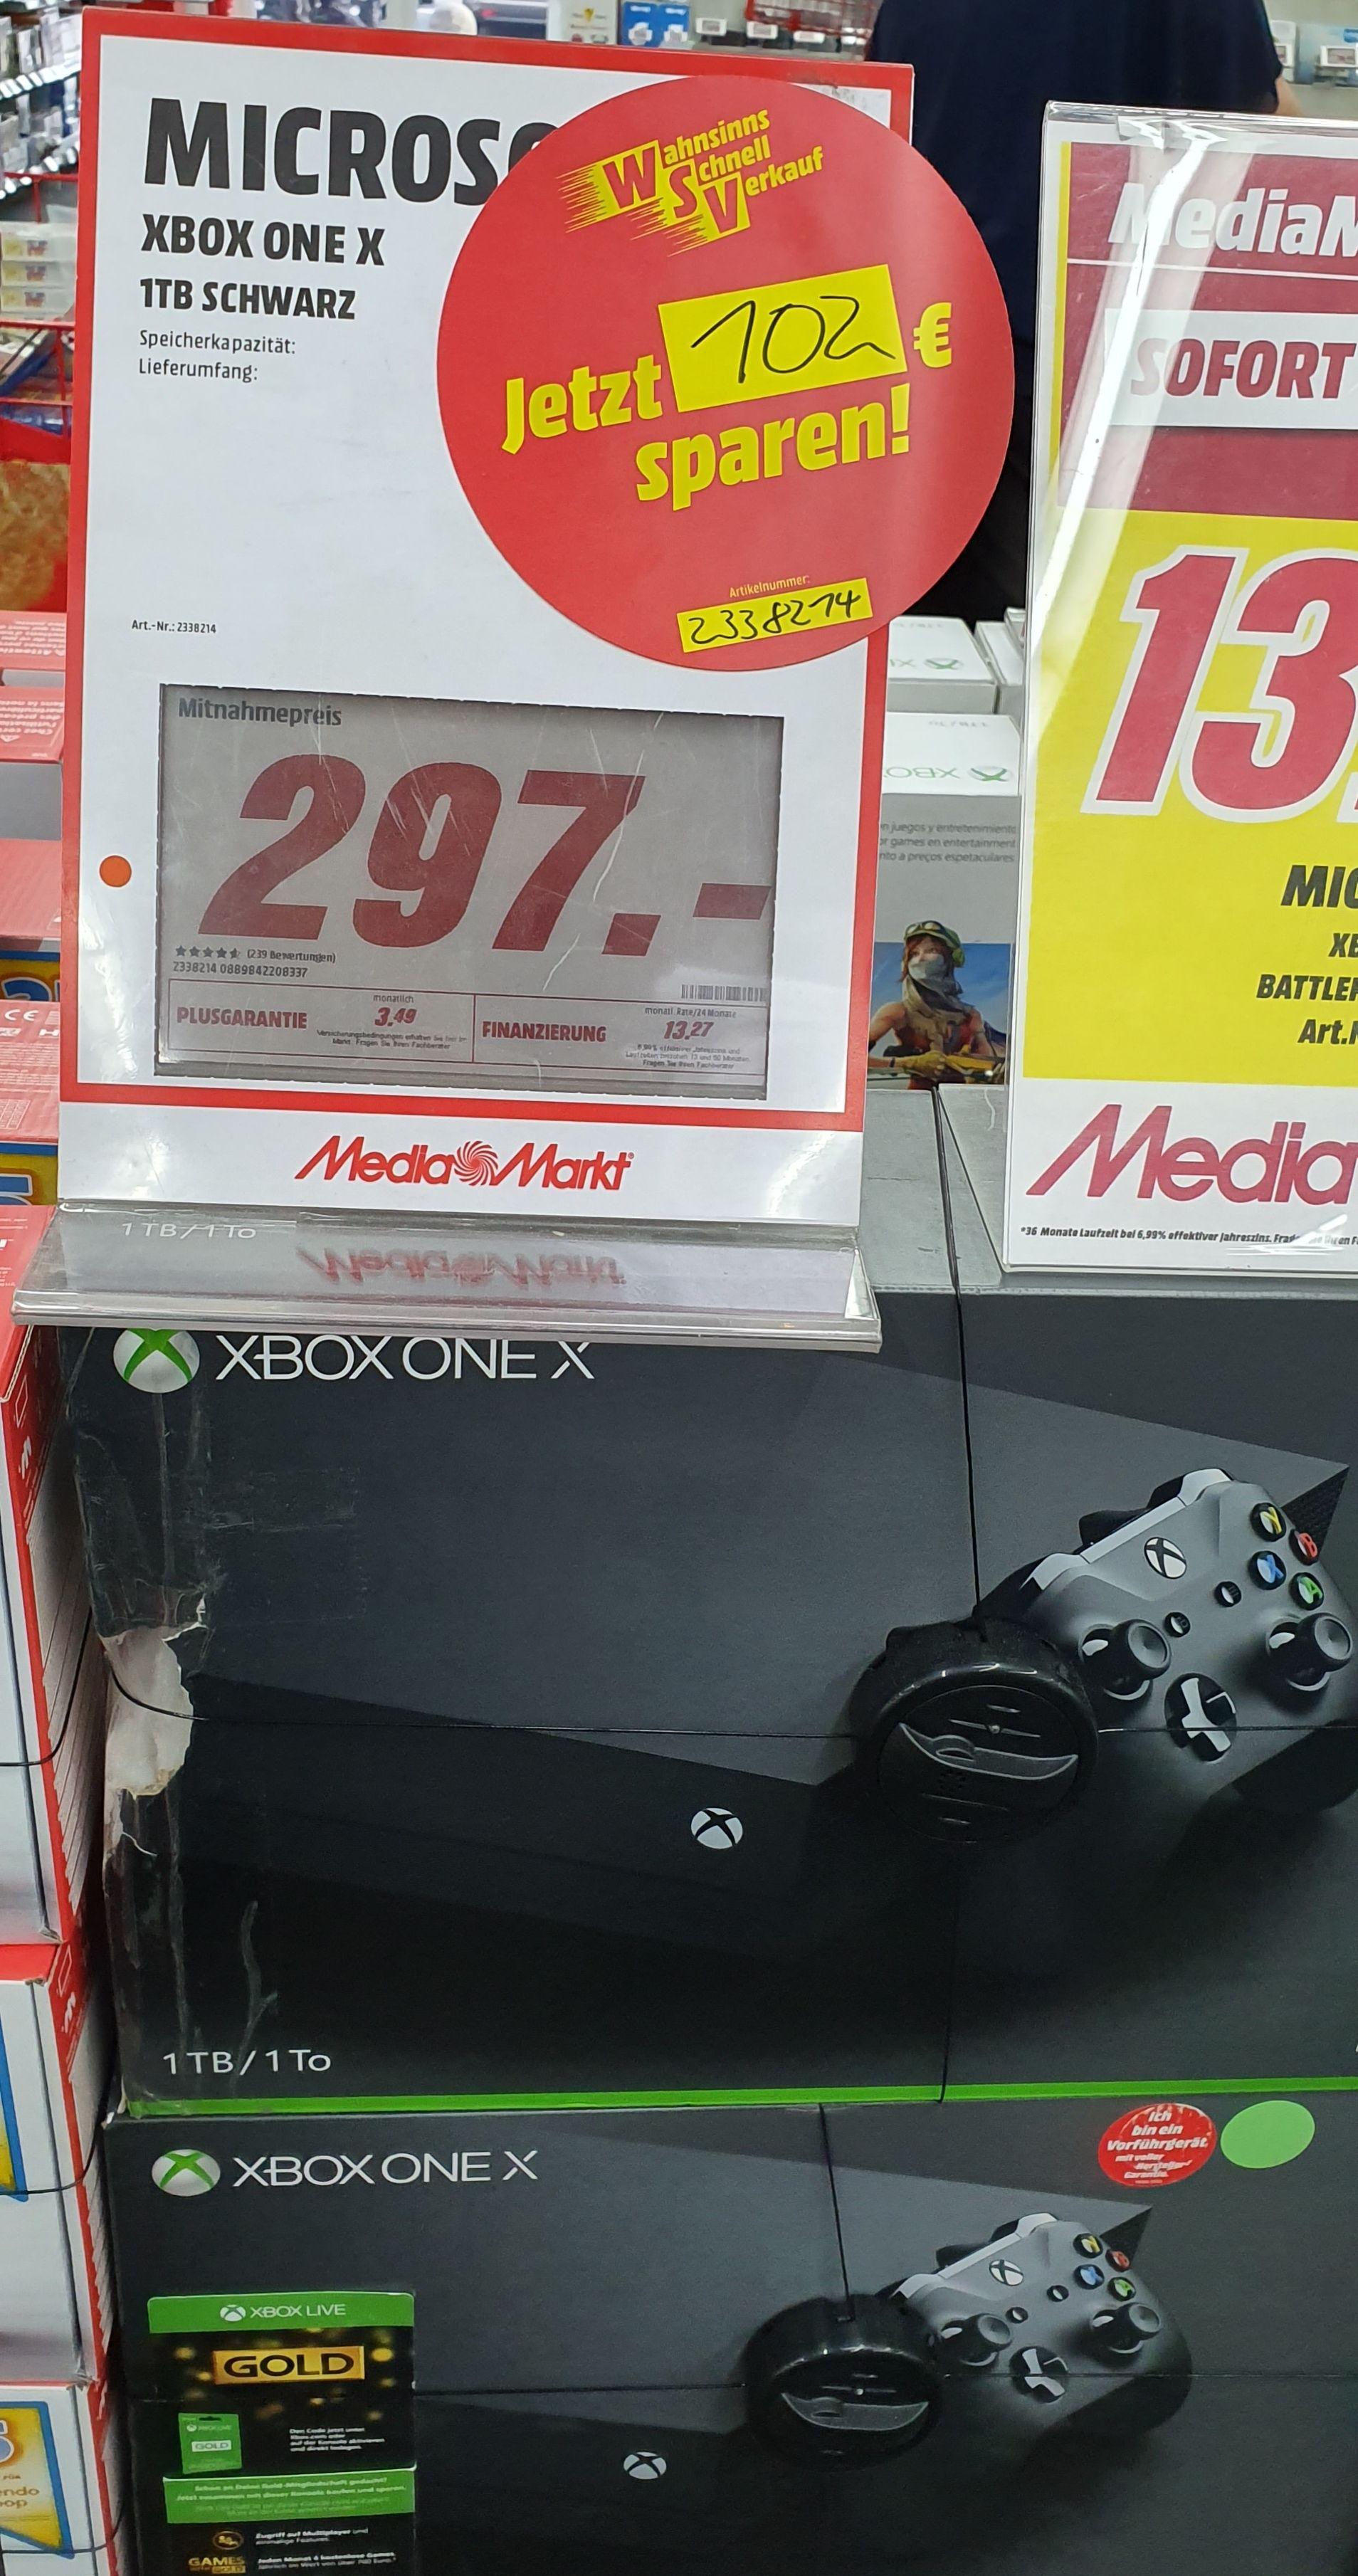 Xbox One X 1TB schwarz für 297€ [MediaMarkt Münster]